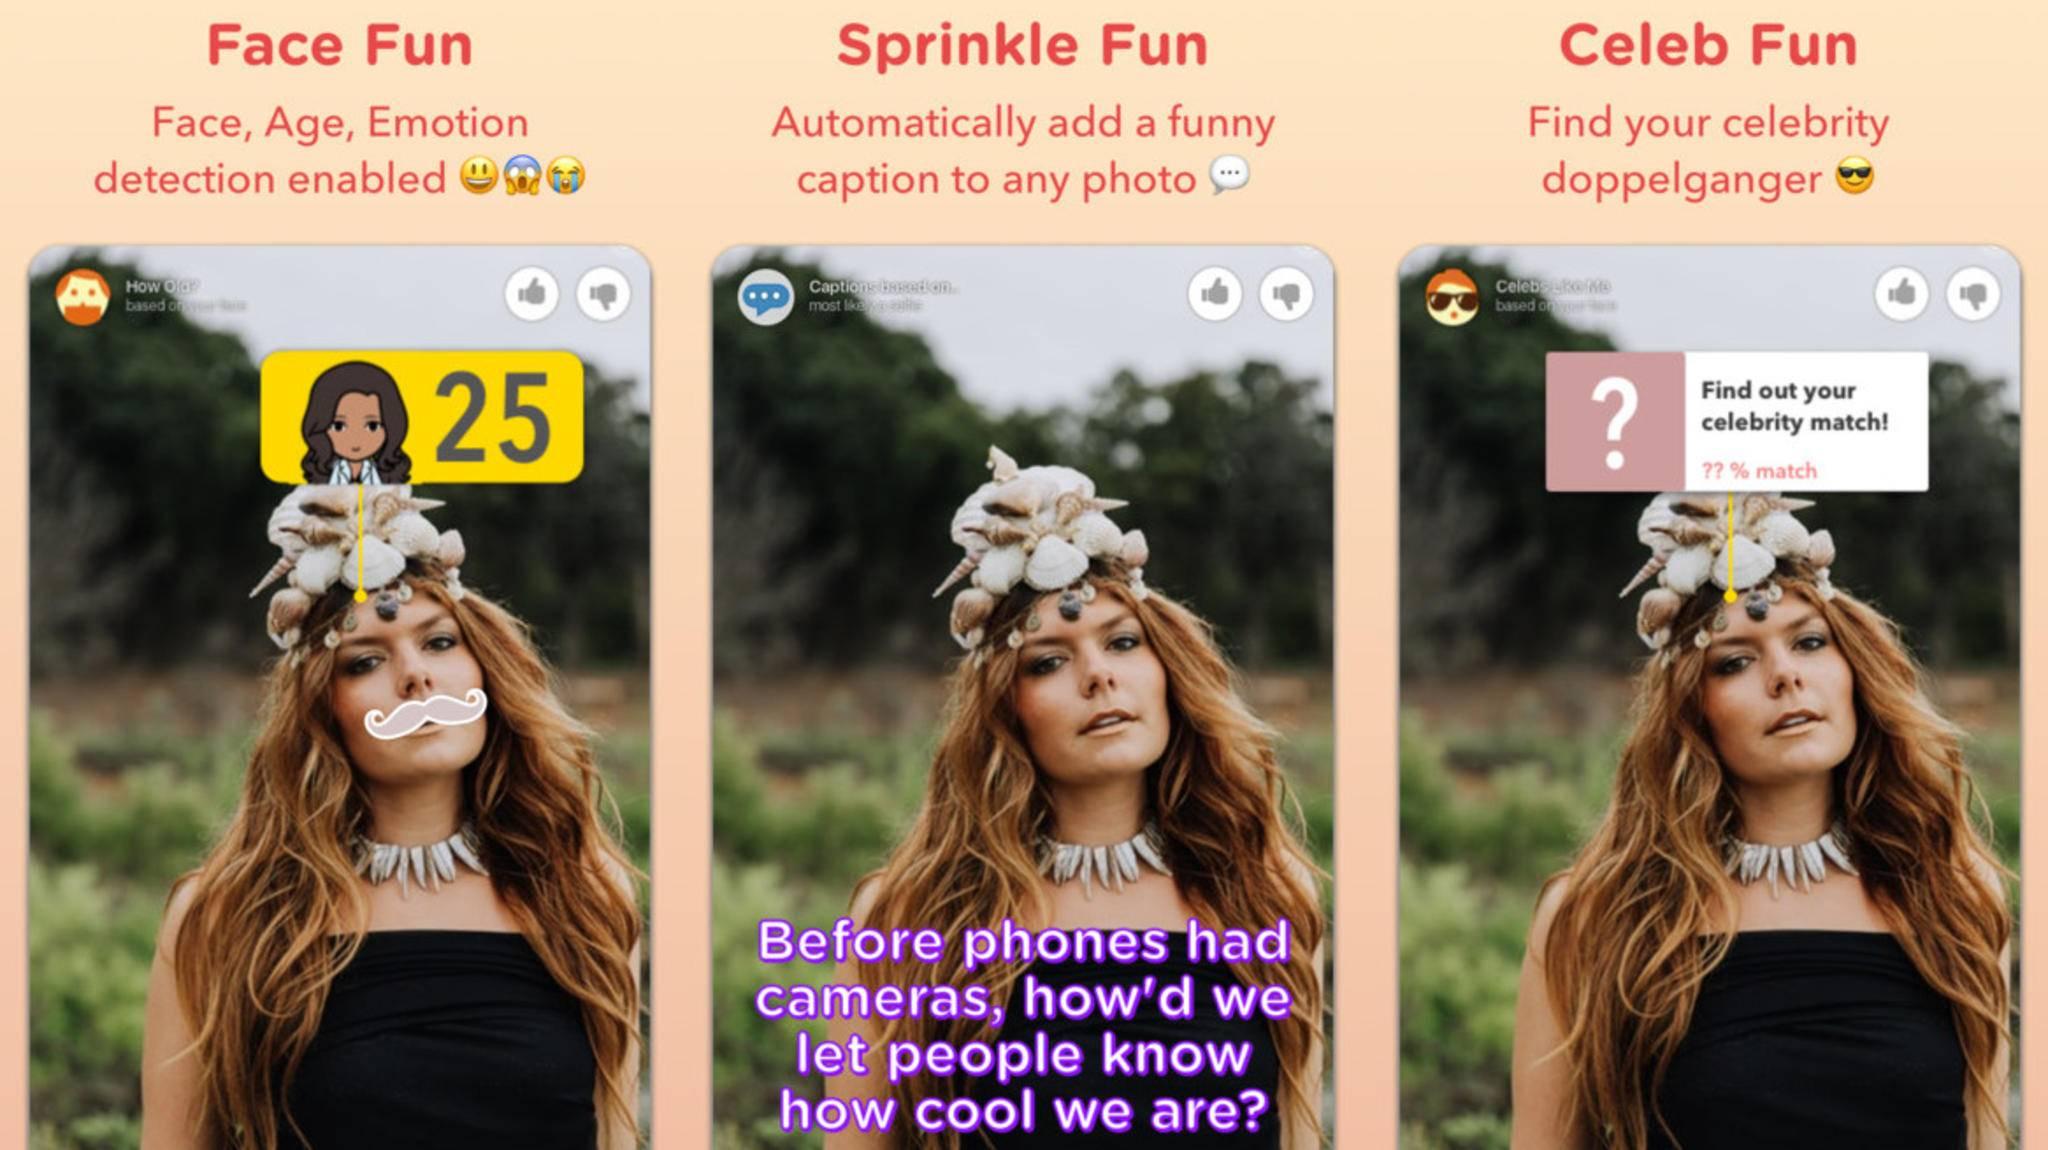 Verzieren, beschriften, vergleichen: Die neue Kamera-App Sprinkles